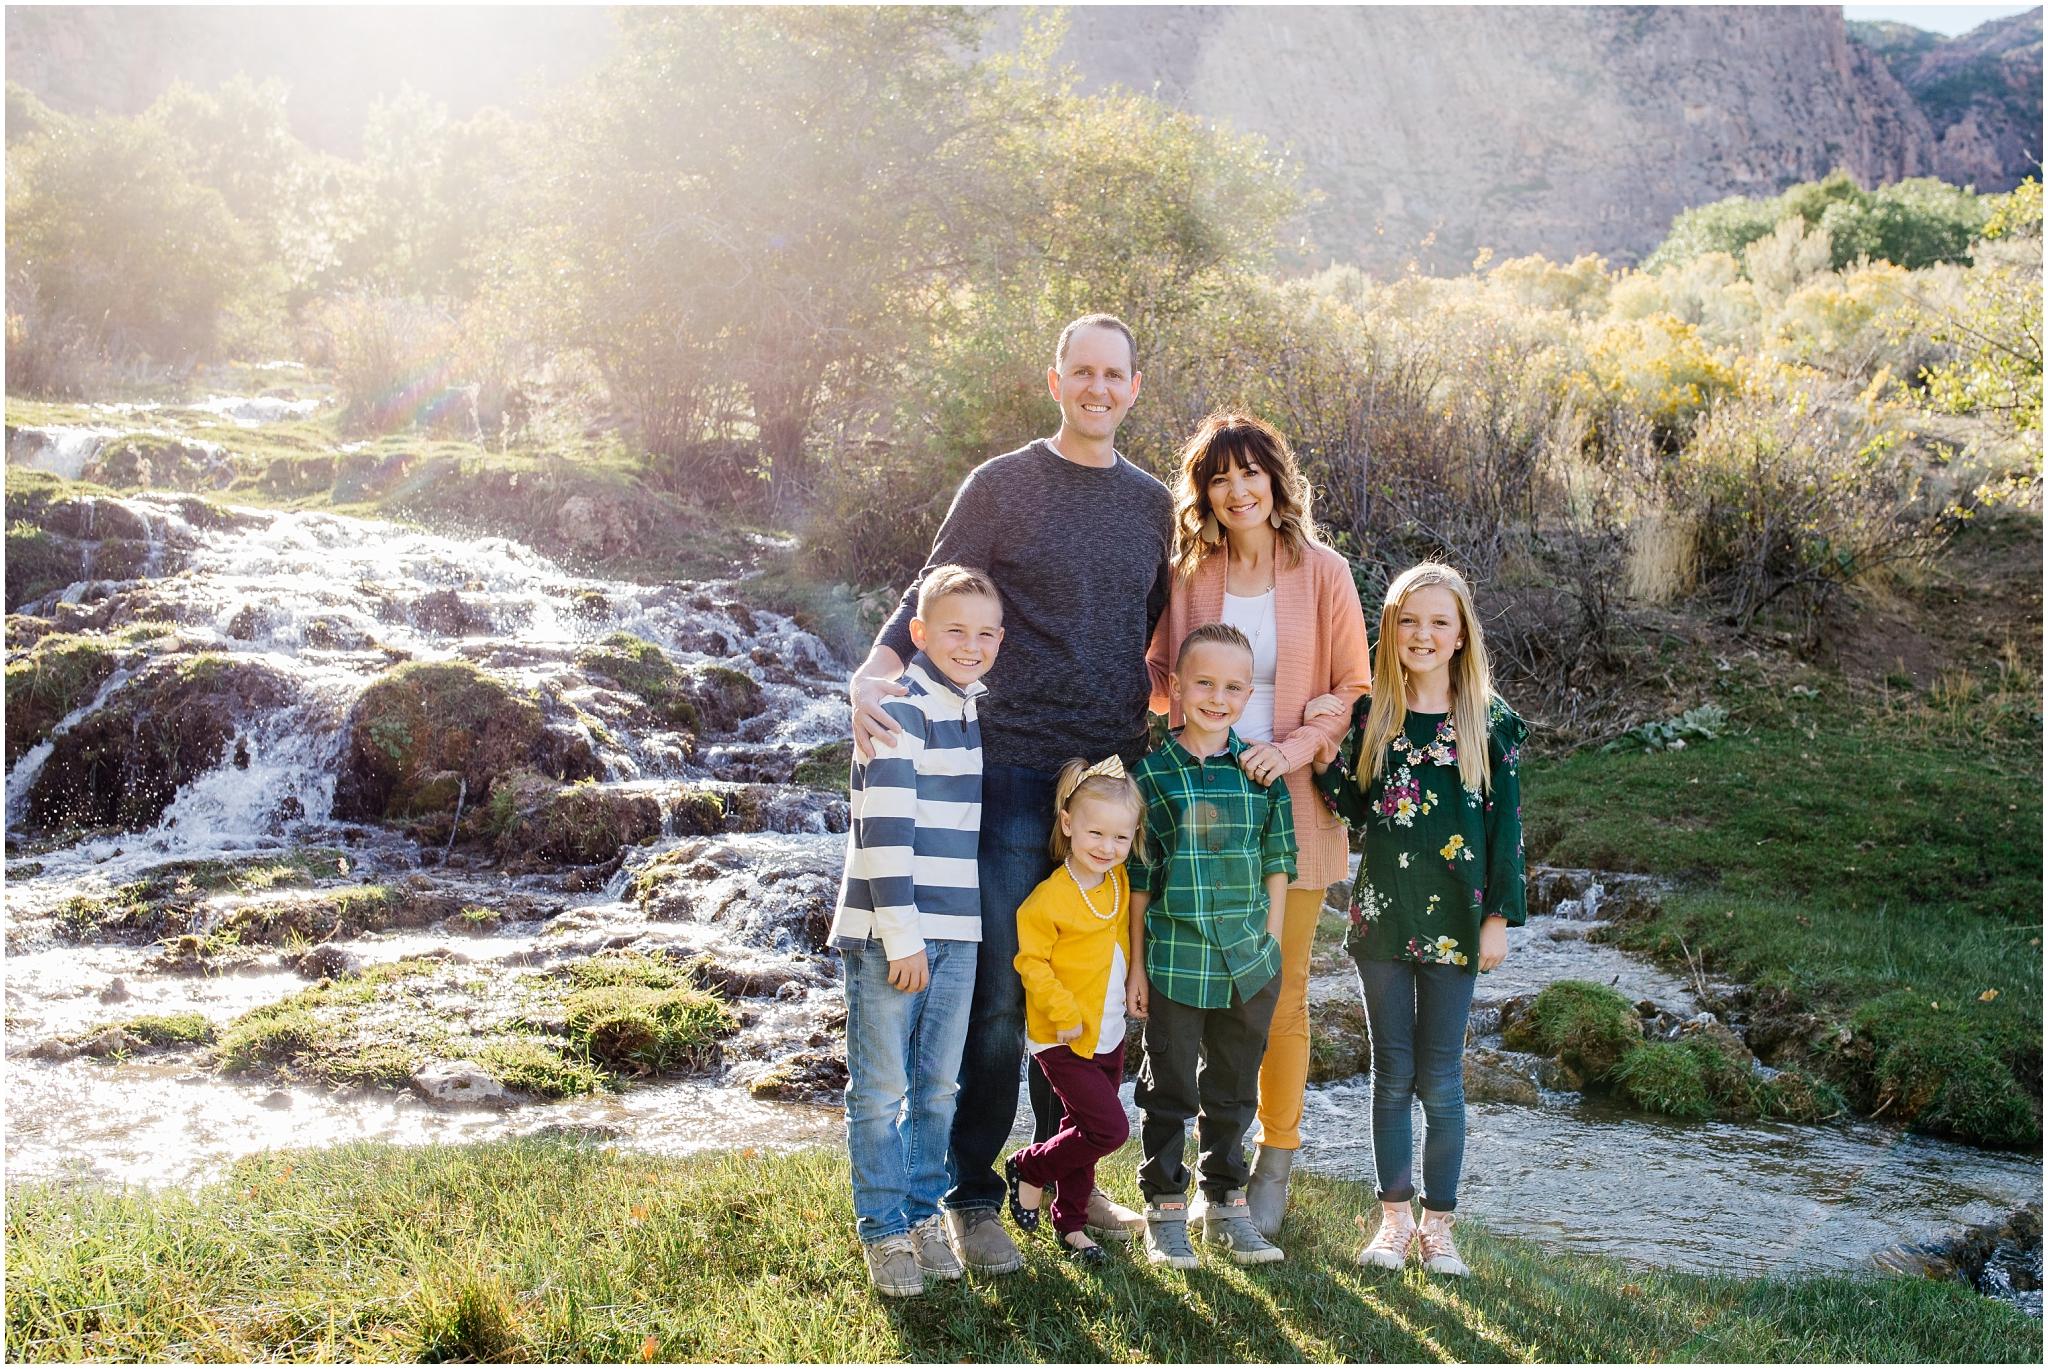 CominMini-2_Lizzie-B-Imagery-Utah-Family-Photographer-Utah-County-Central-Utah-Park-City-Salt-Lake-City.jpg